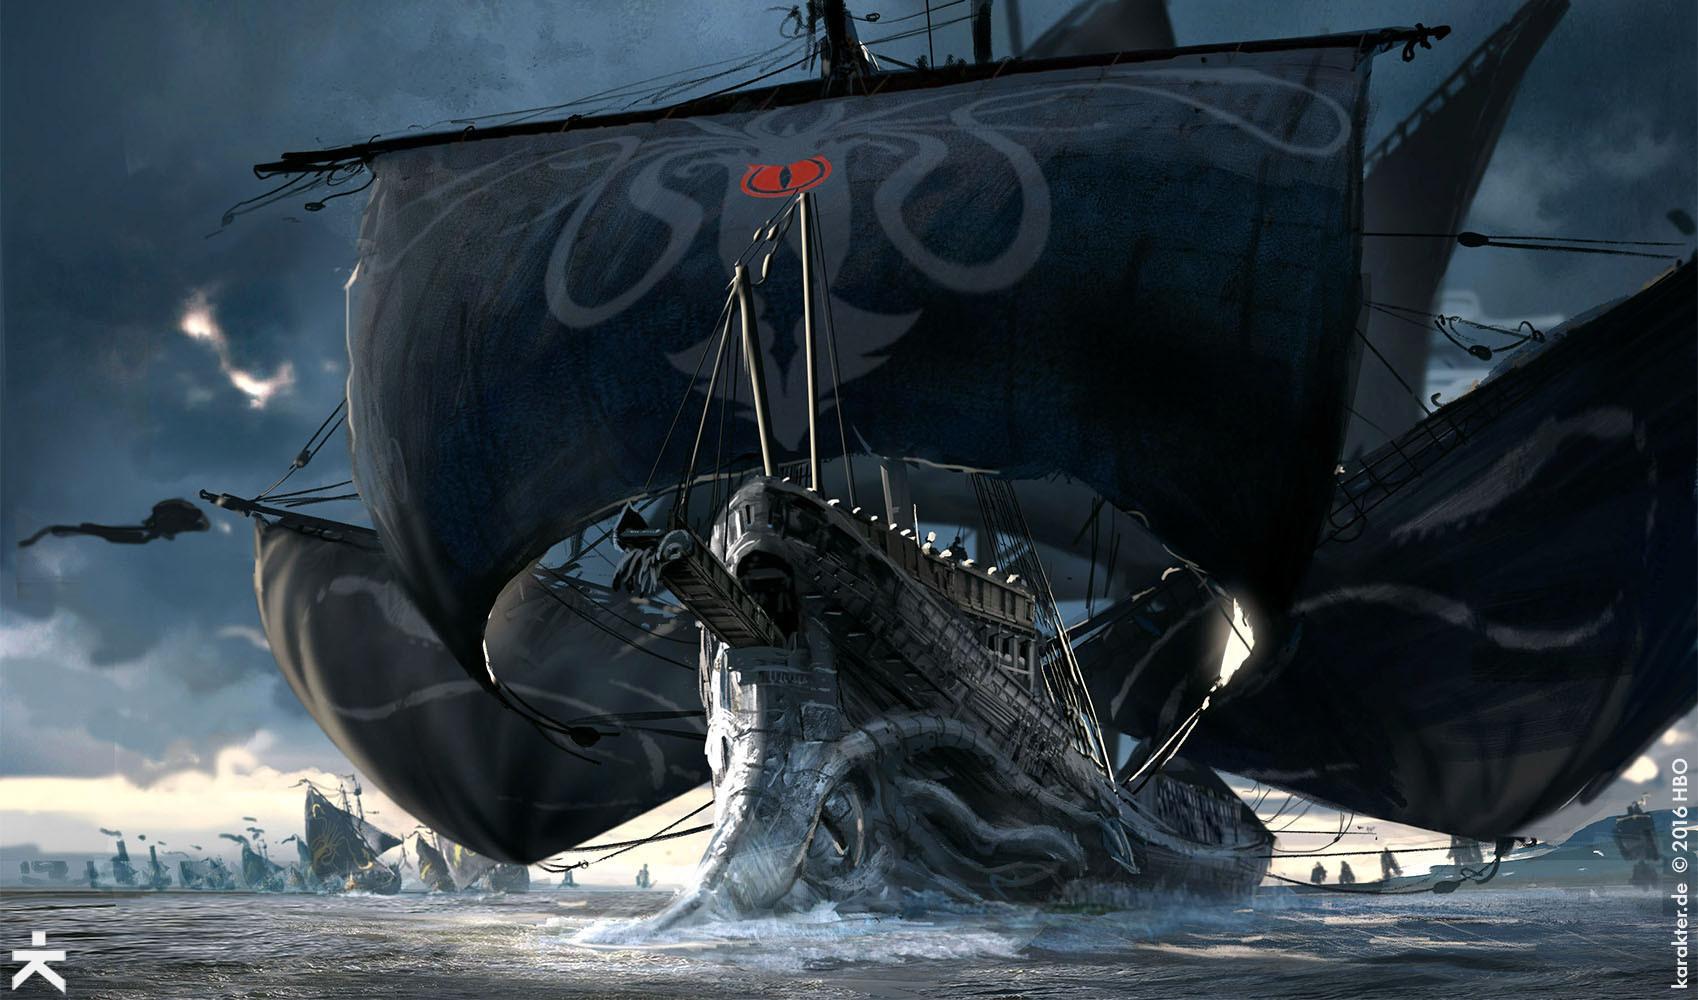 Dragon de agua, Dragon de fuego (angron) Karakter-design-studio-kar-got7-015-silence